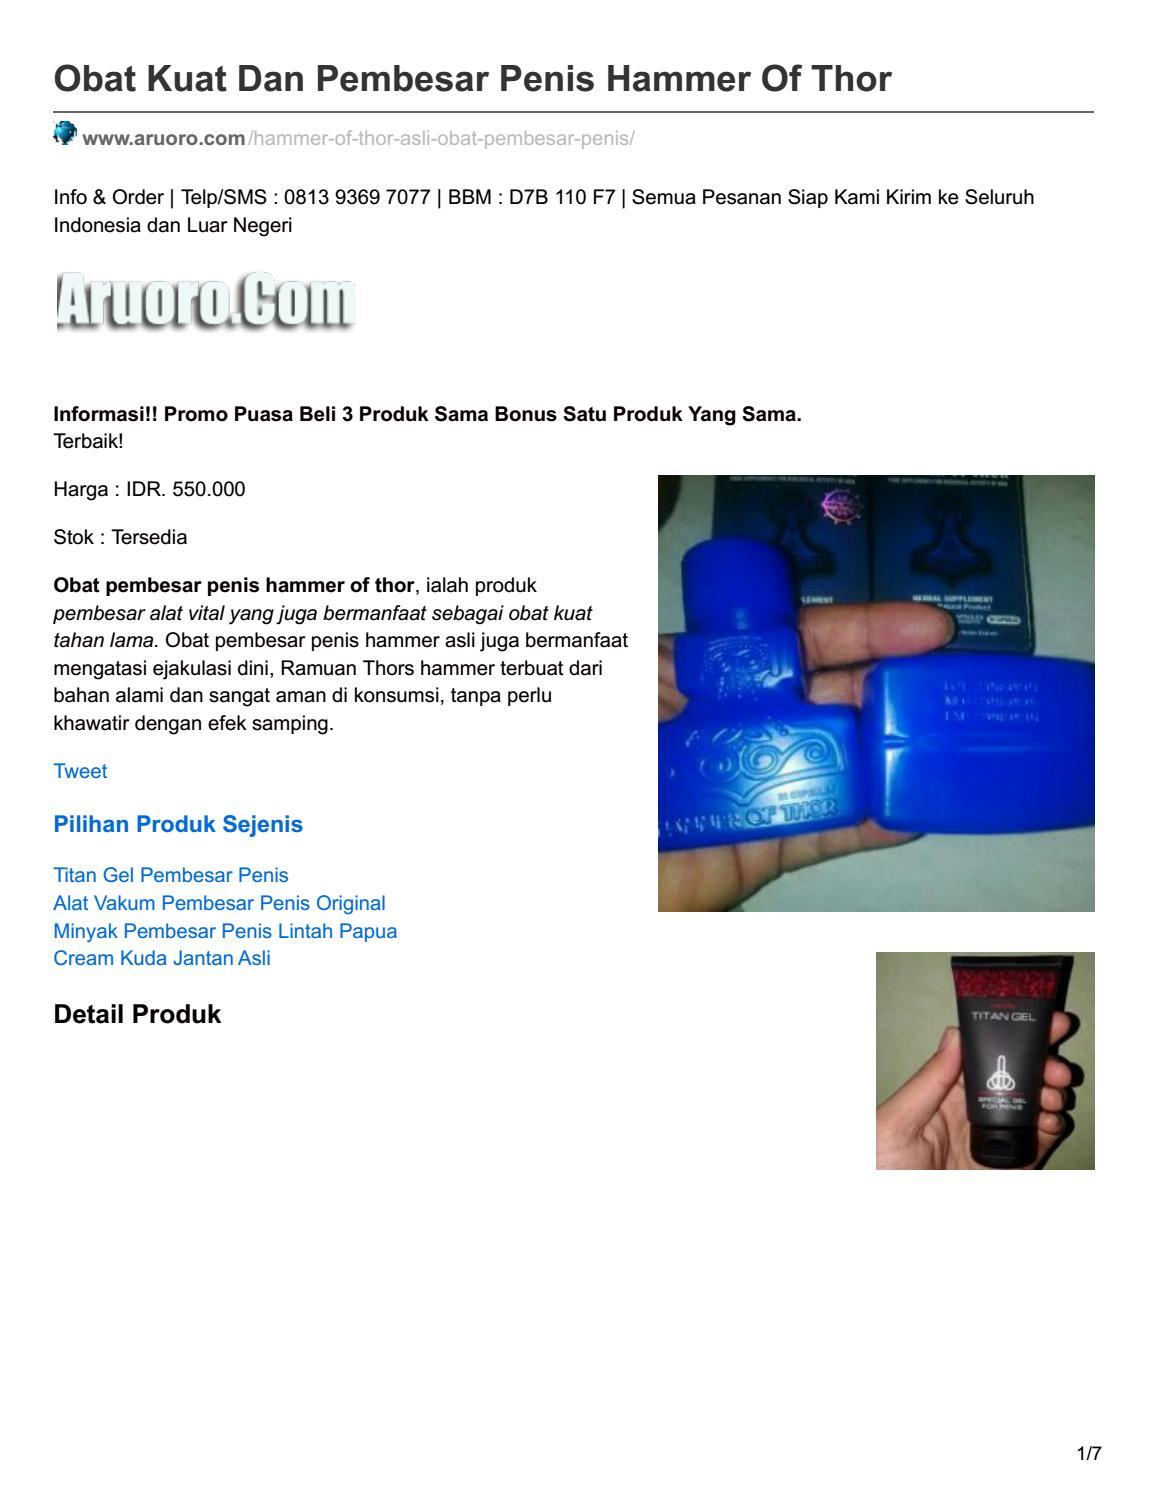 aruoro com obat kuat dan pembesar penis hammer of thor by aruorocom issuu